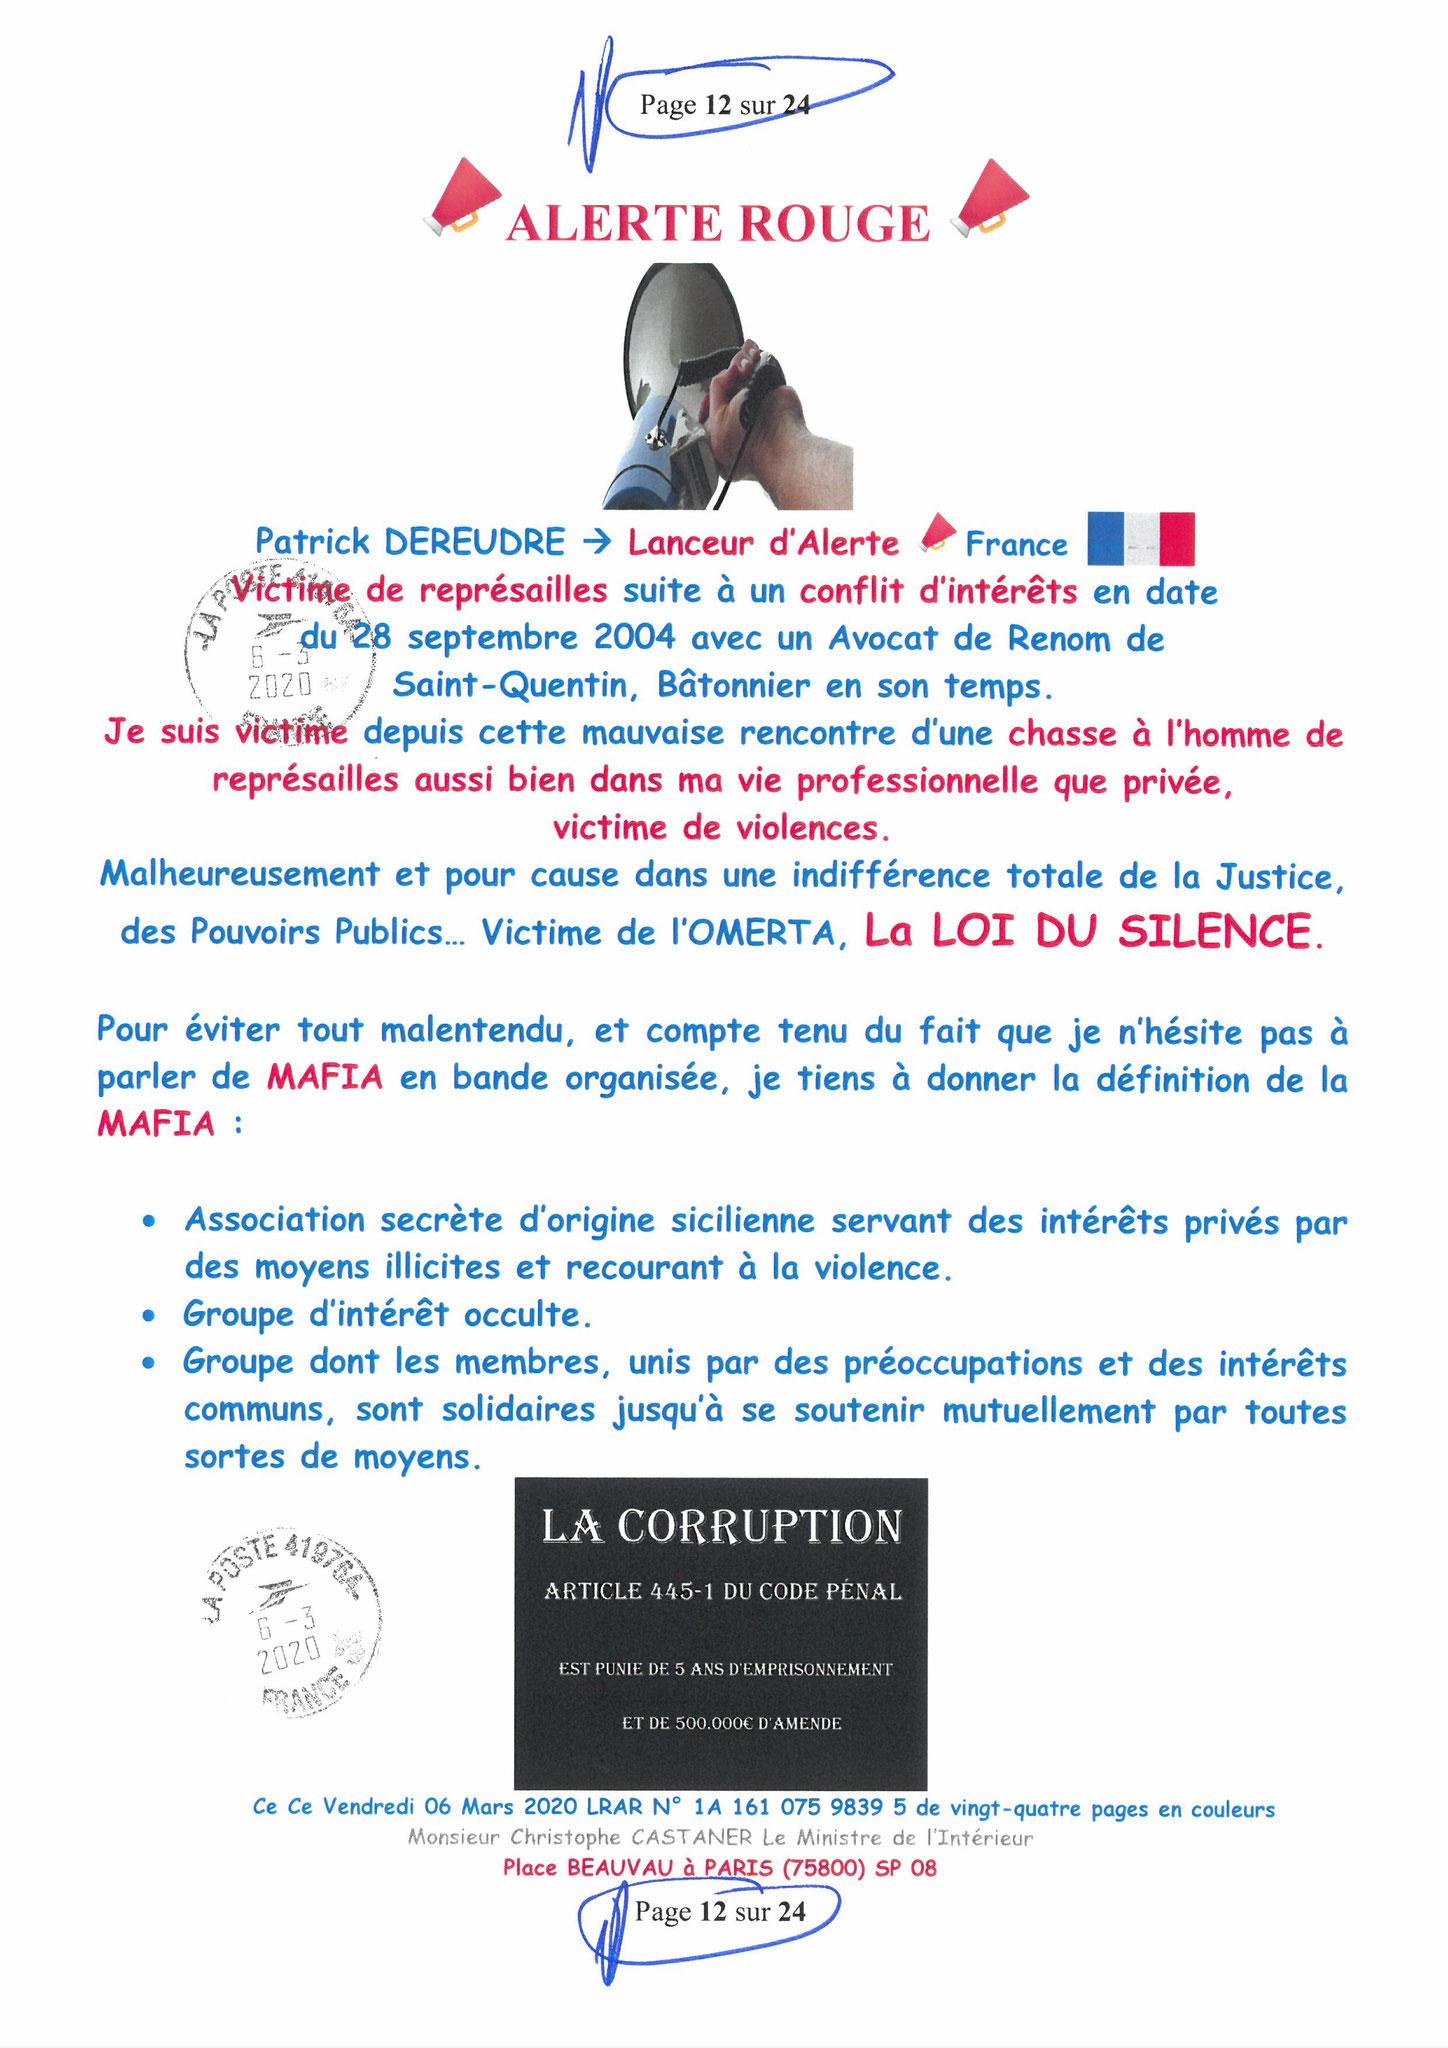 Ma LRAR à Monsieur le Ministre de l'Intérieur Christophe CASTANER N°1A 161 075 9839 5  Page 12 sur 24 en couleur du 06 Mars 2020  www.jesuispatrick.fr www.jesuisvictime.fr www.alerte-rouge-france.fr